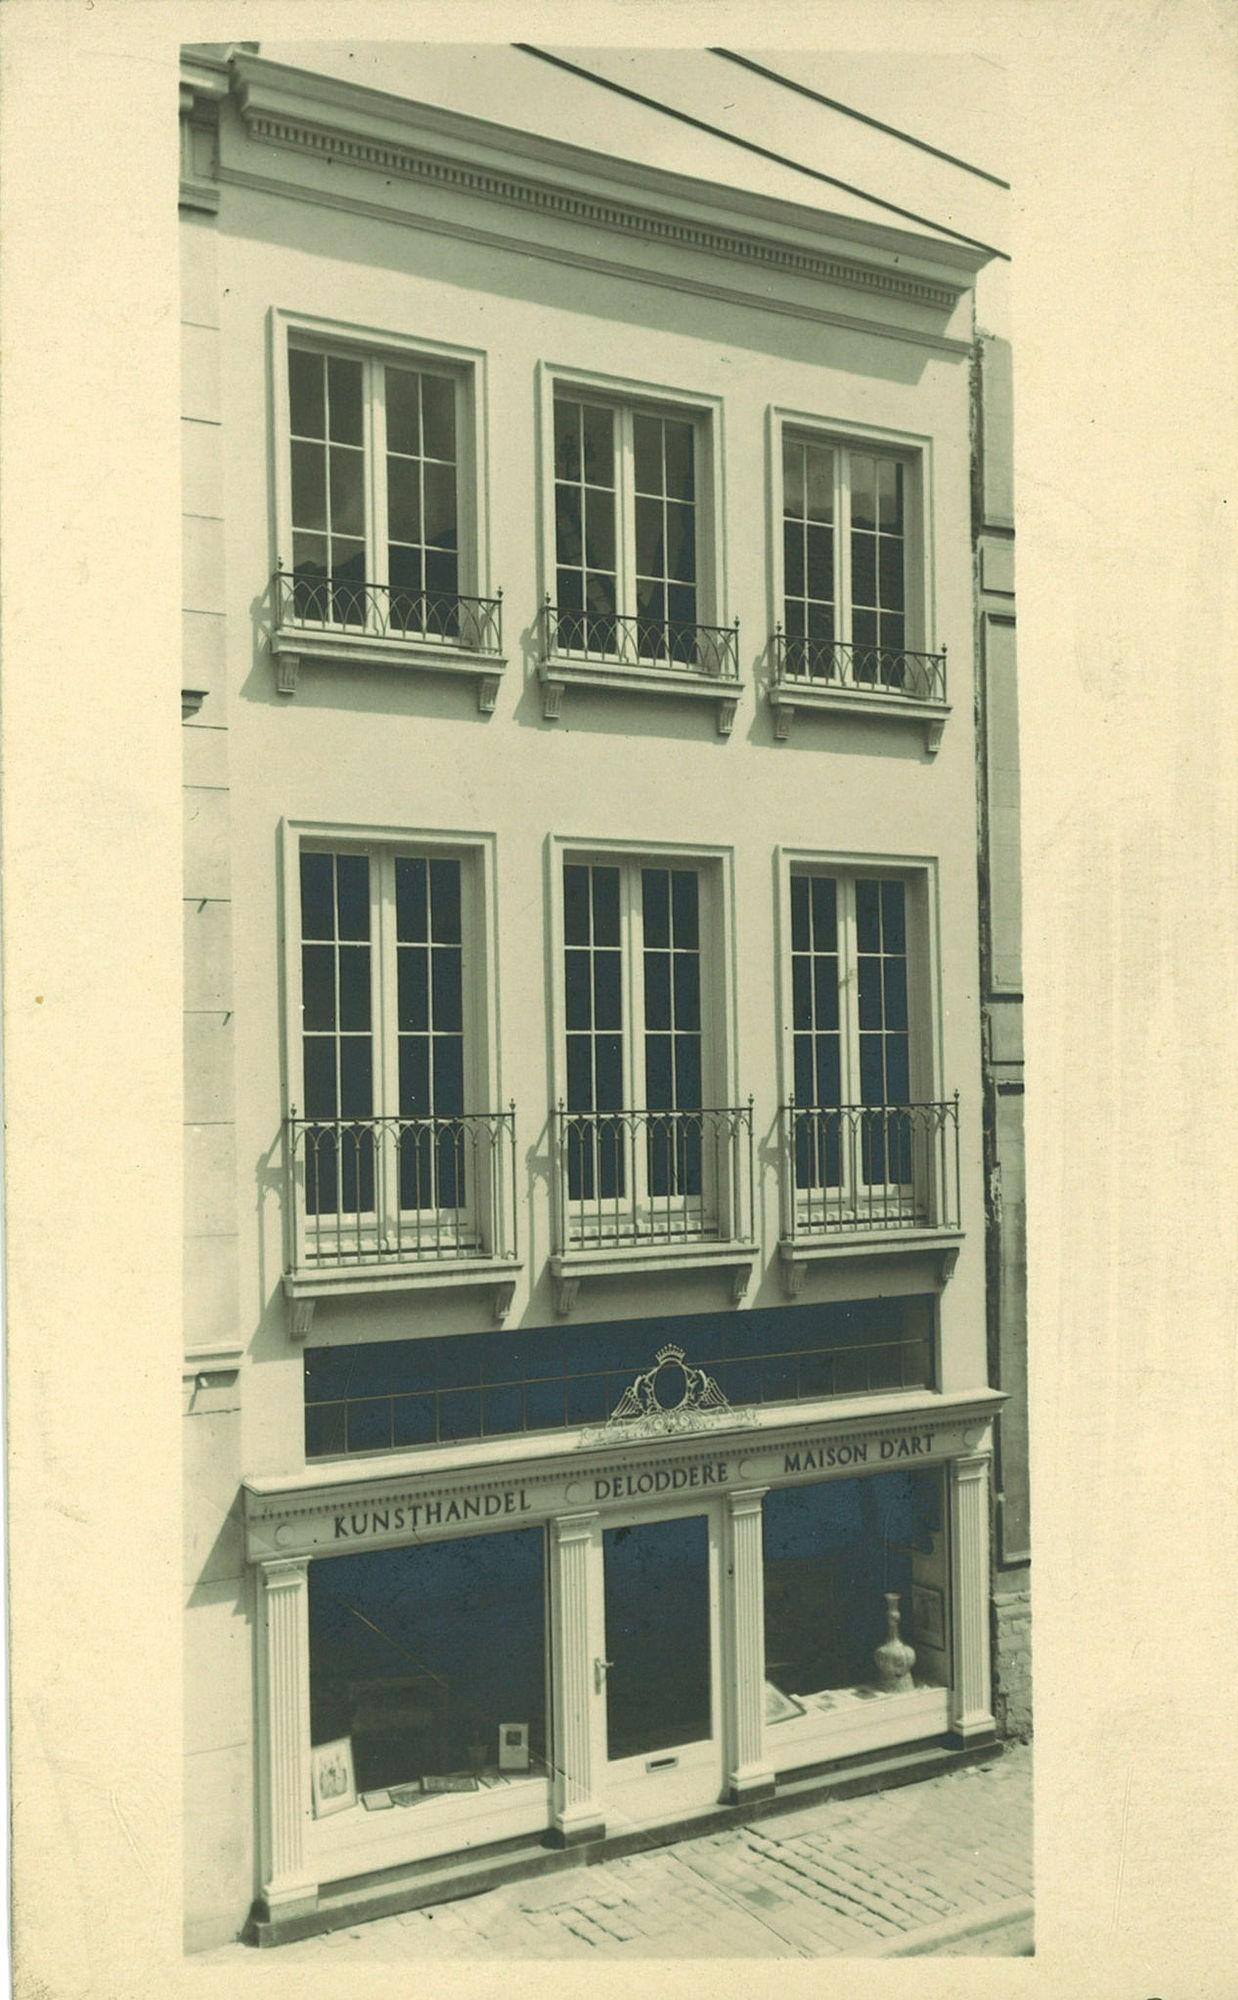 Gevel van een woning in de Budastraat